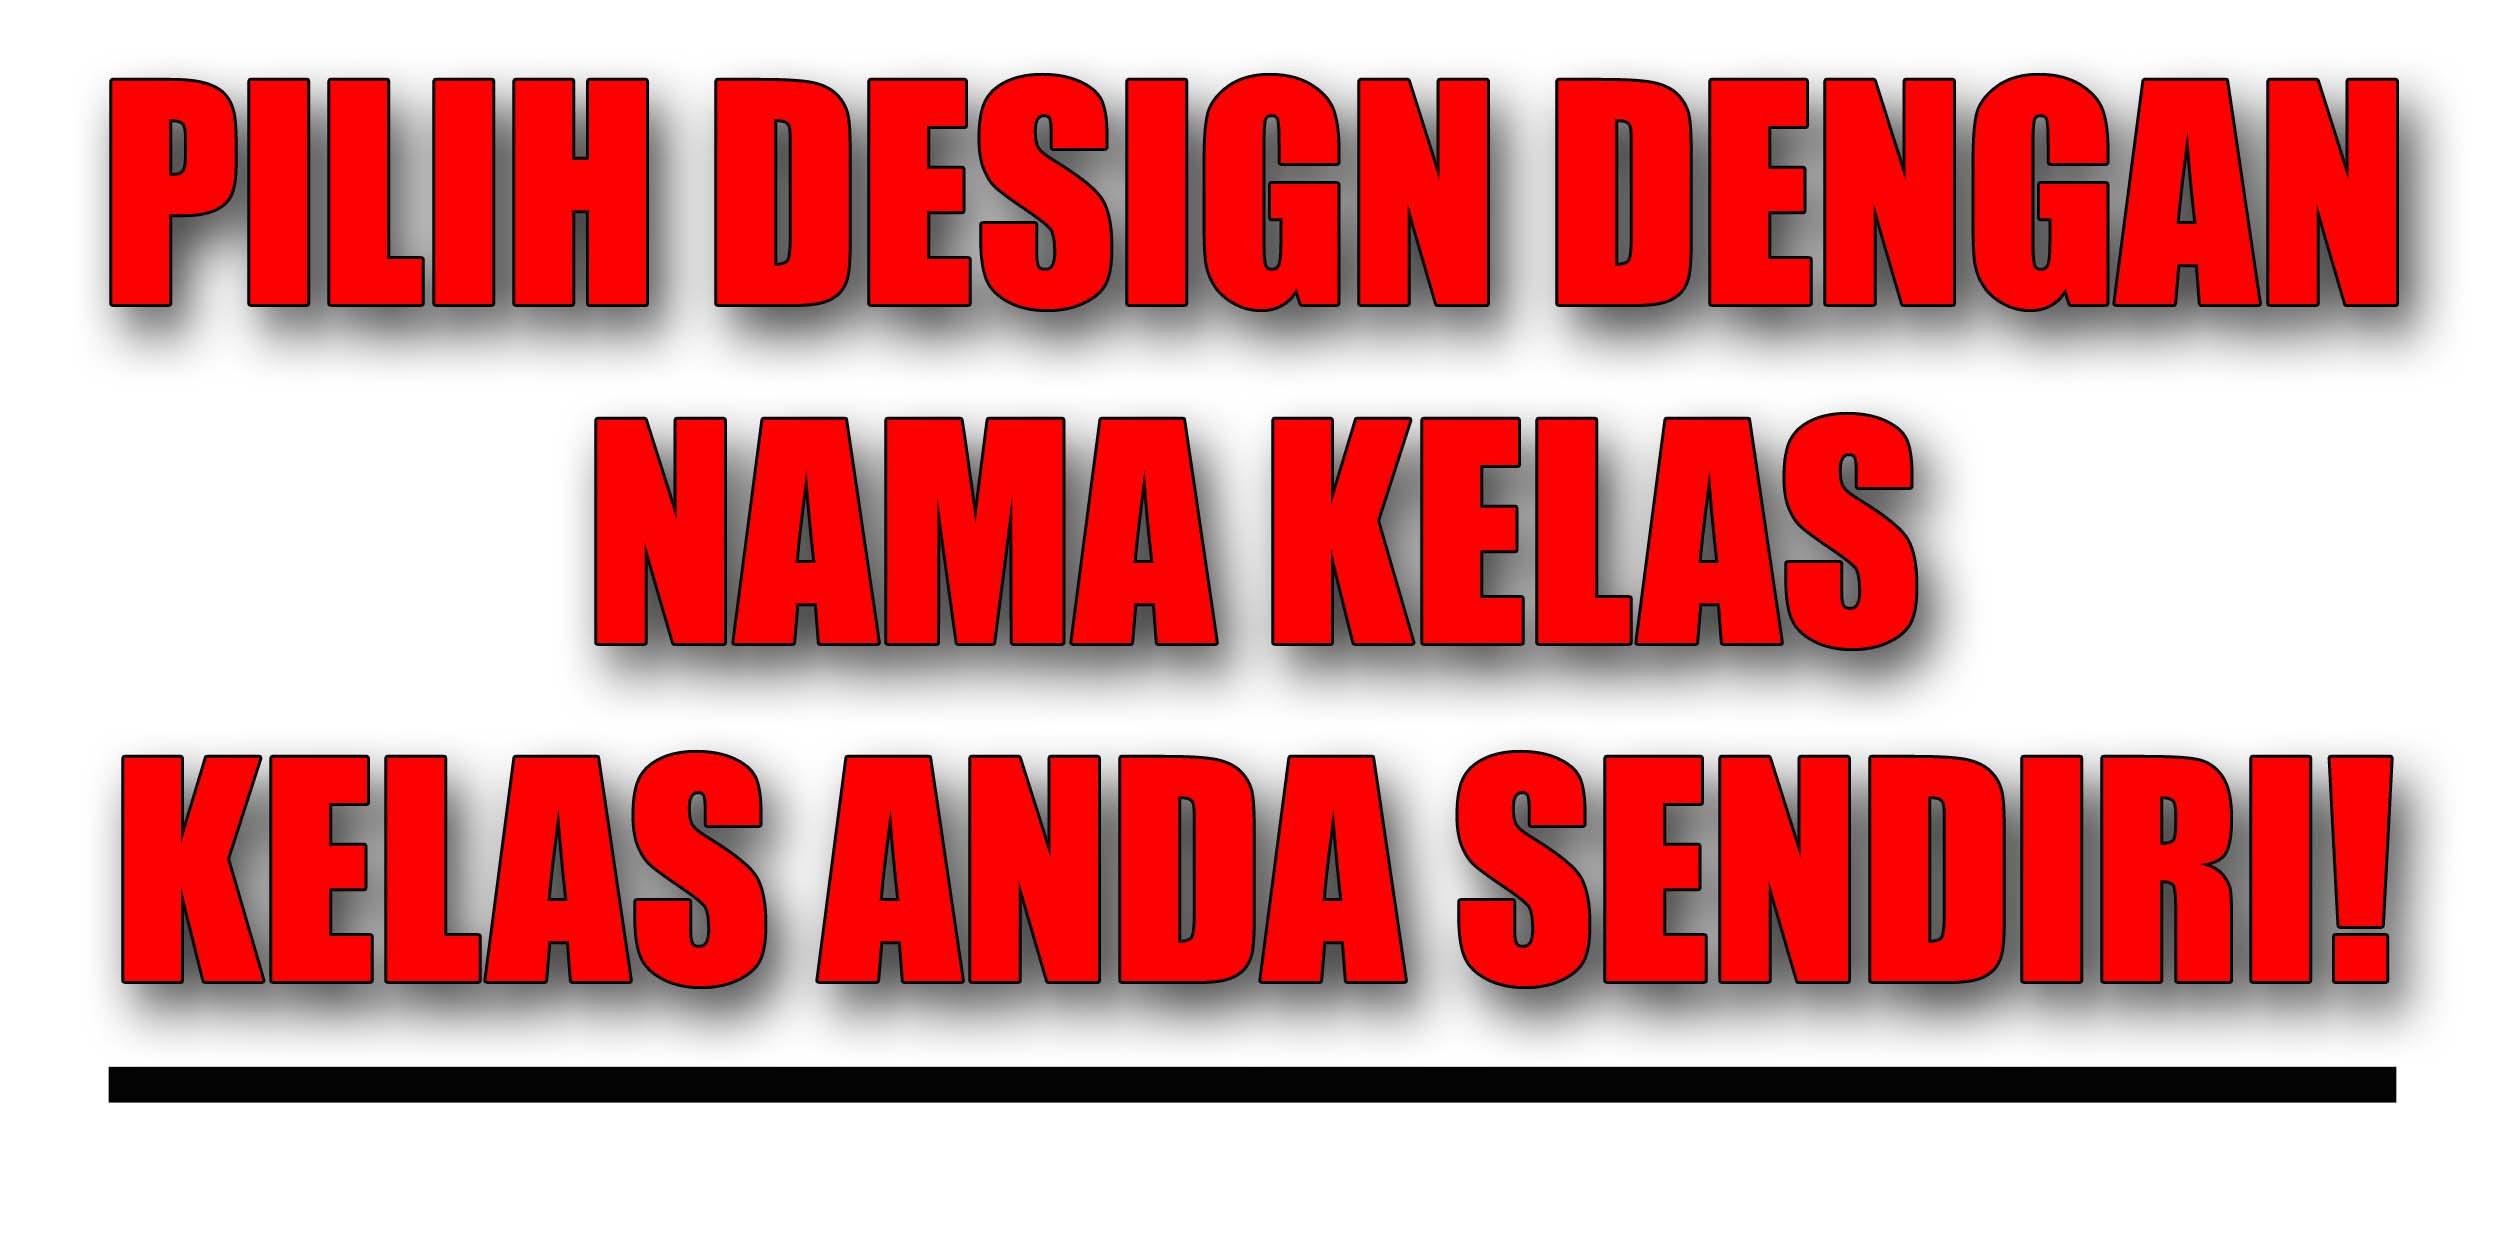 Contoh design tshirt kelas - Design Tshirt Kelas